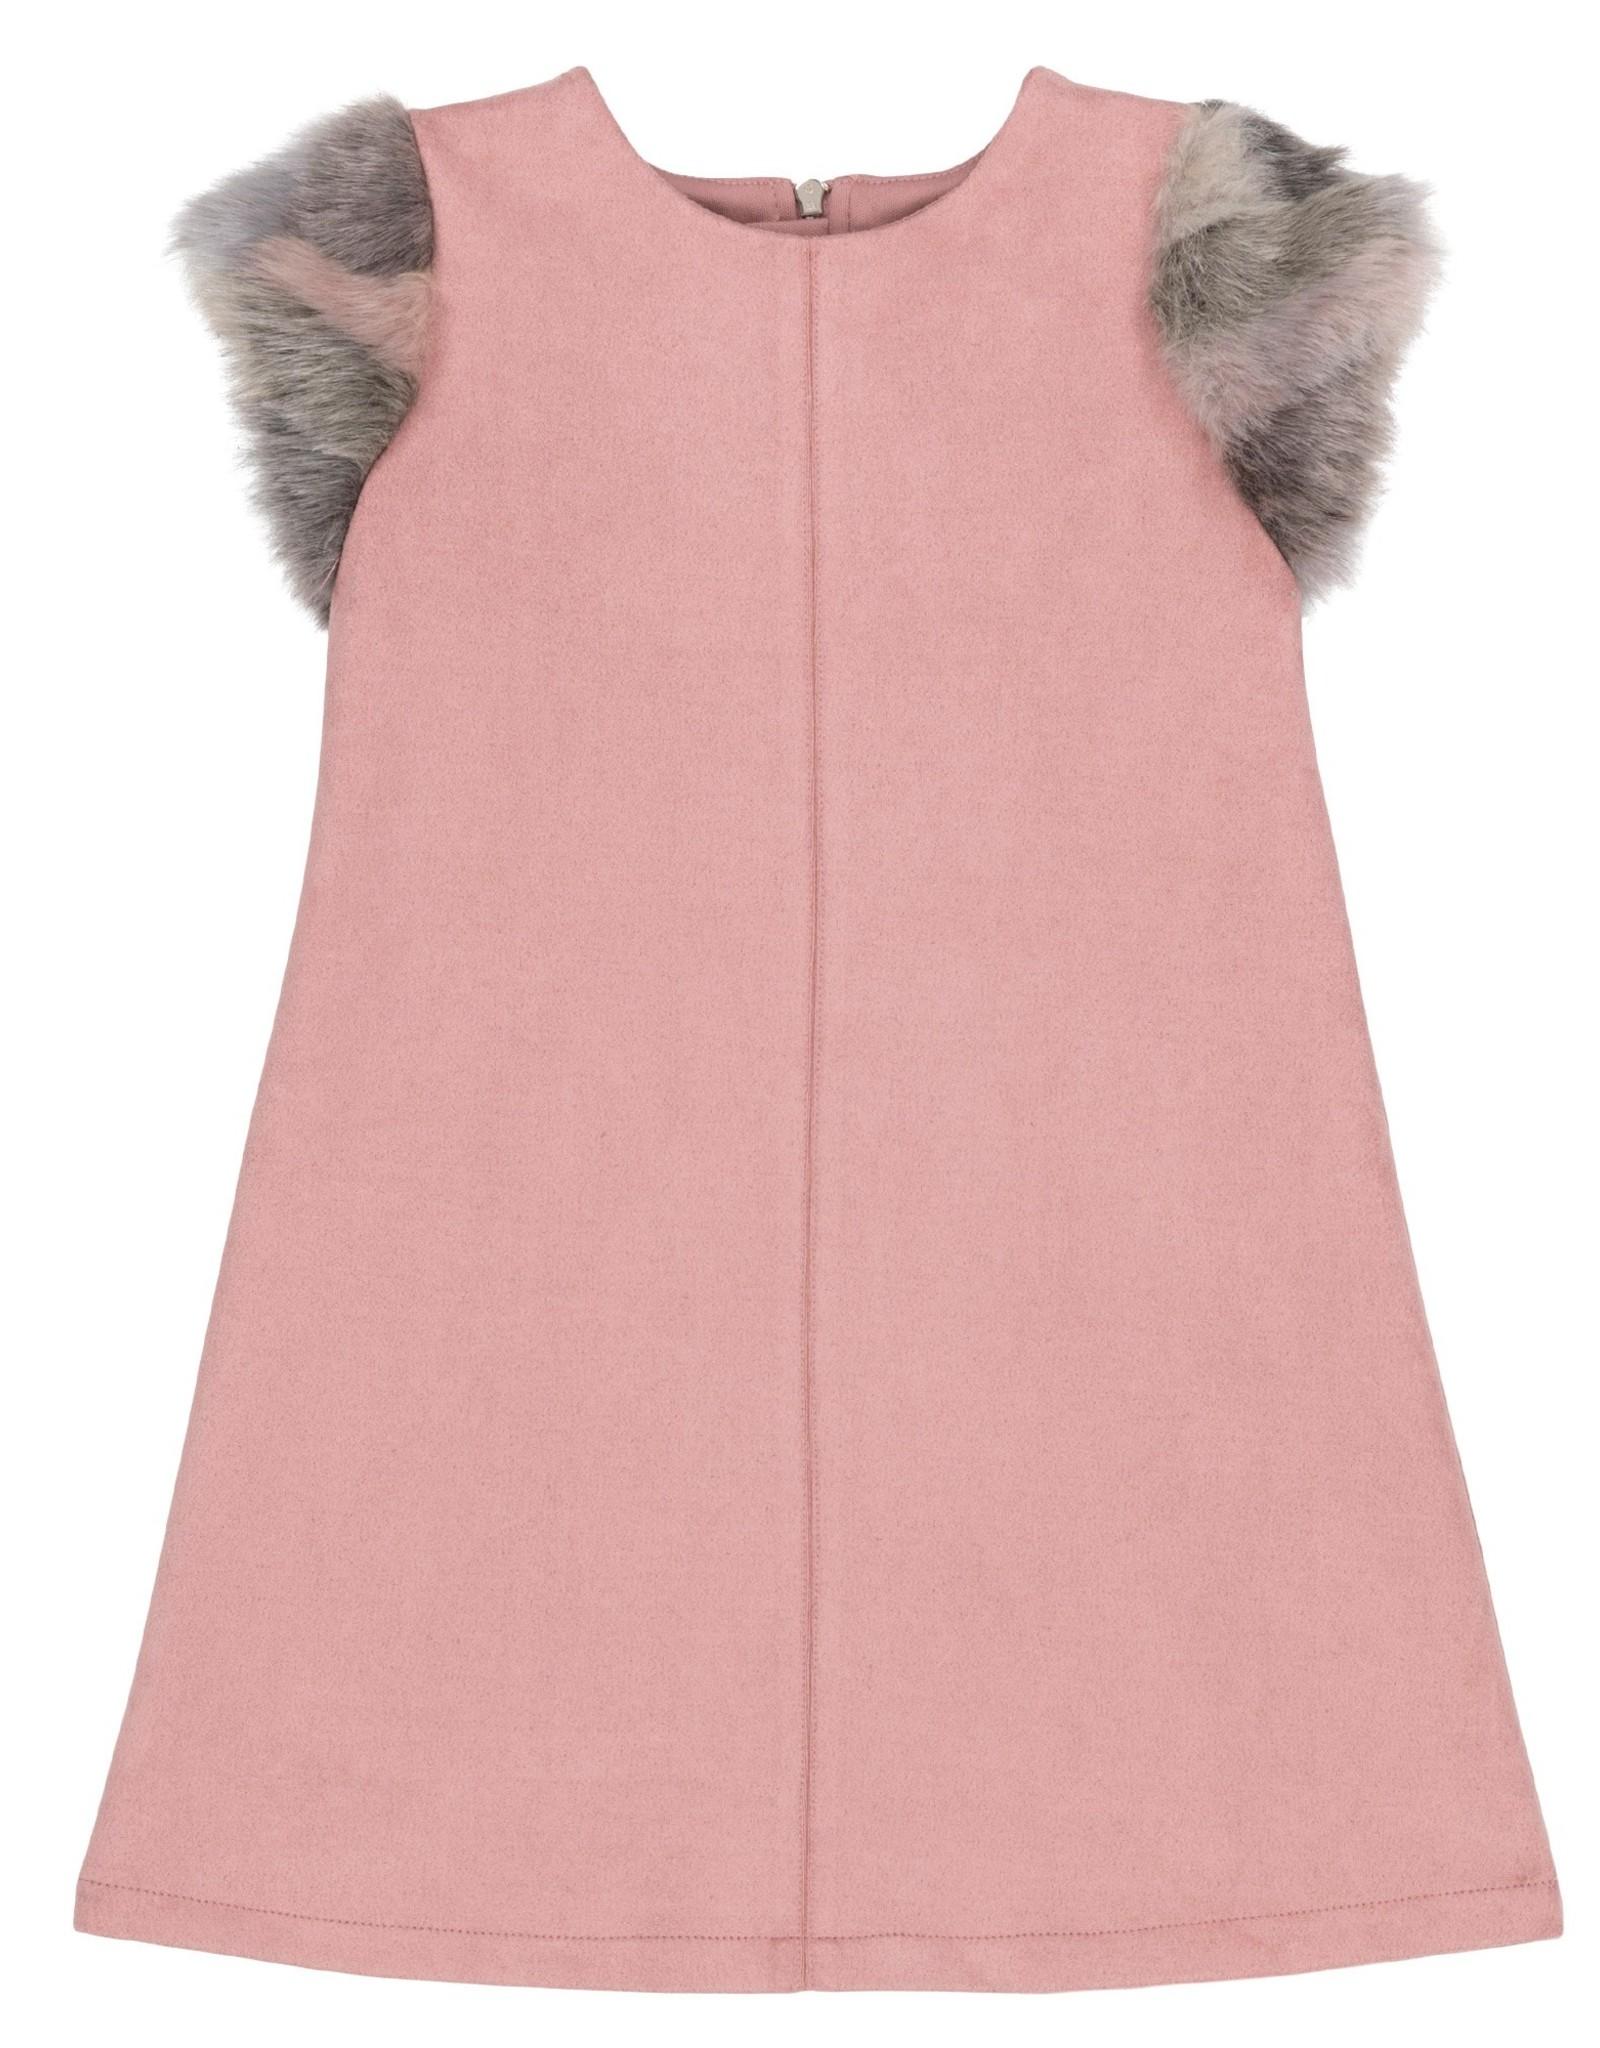 DeuxParDeux FA20 Pink Faux Suede Dress